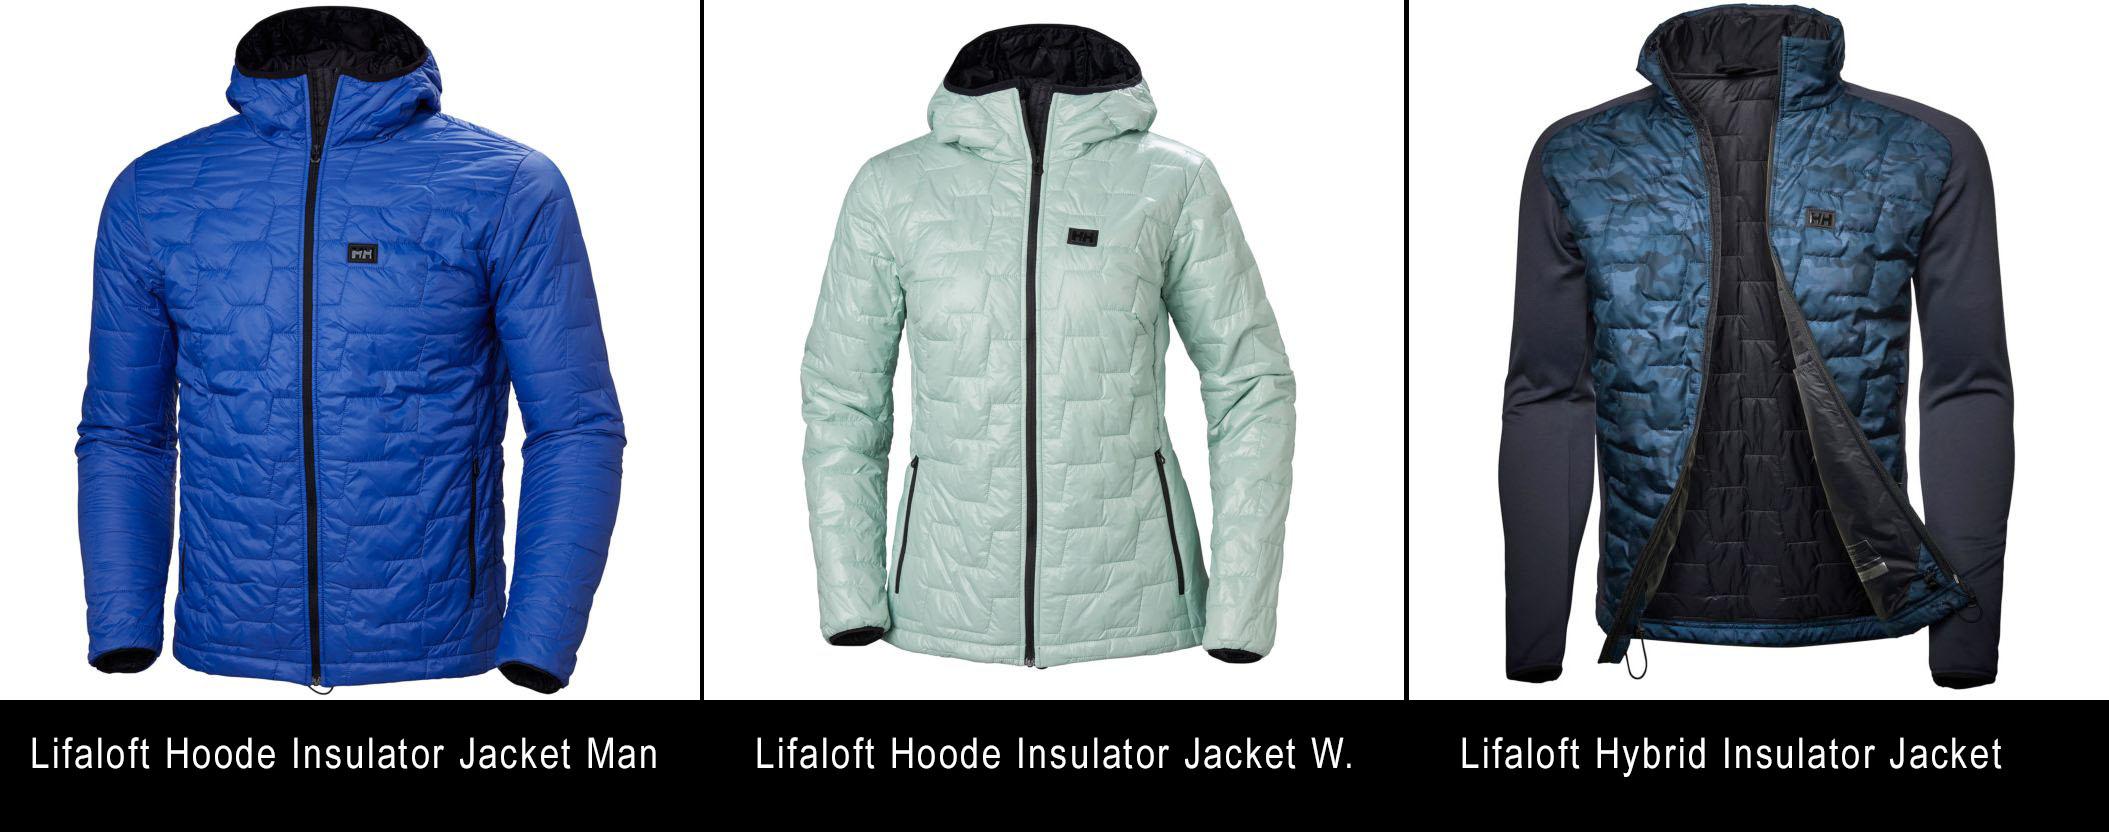 Lifaloft bundy z ľava: Lifaloft Hoody Insulator Jacket man | Lifaft Hoody Insulator Jacket Woman | Lifaloft Hybrid Jacket Man